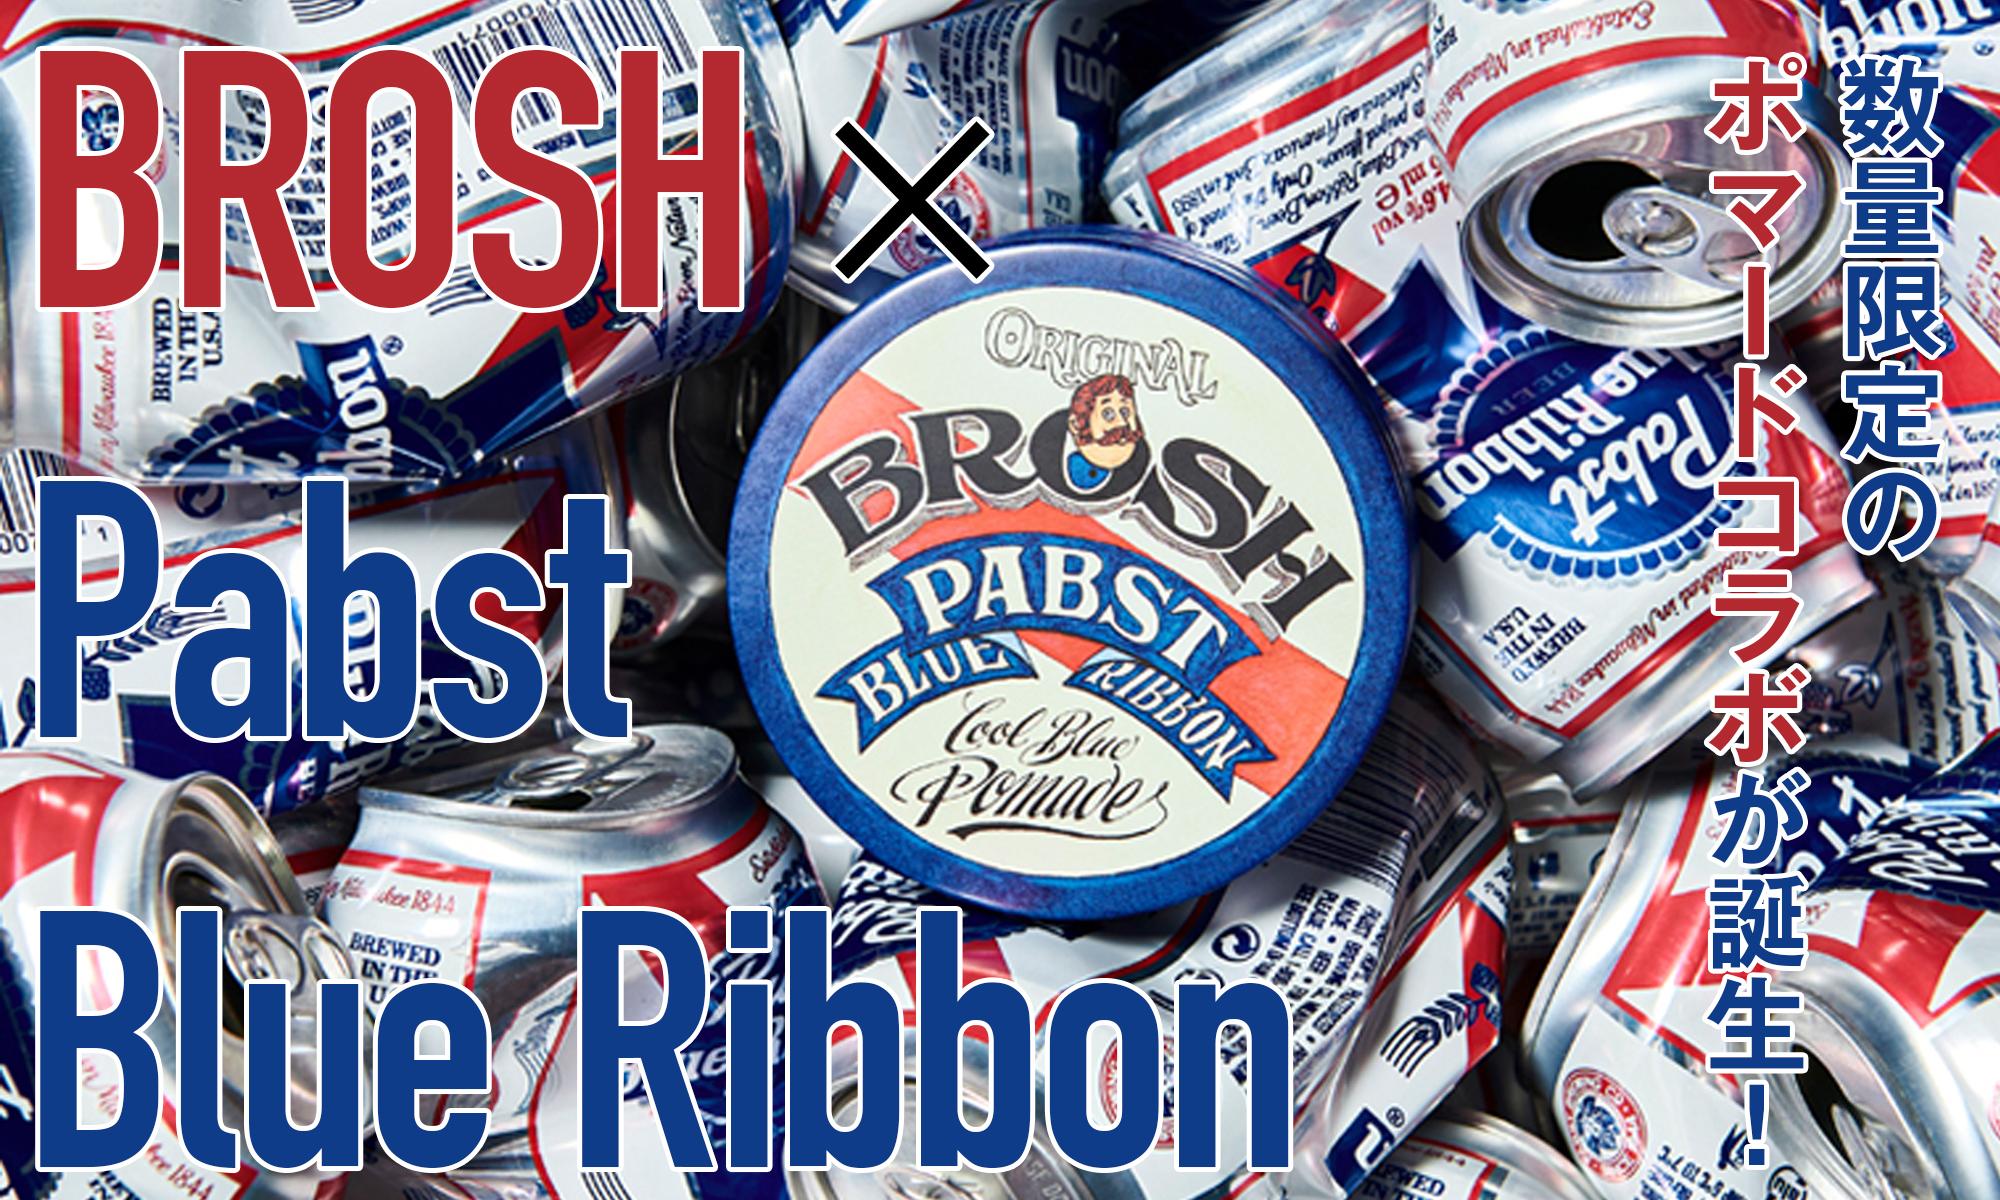 数量限定のポマードコラボが誕生! -BROSH × Pabst Blue Ribbon-